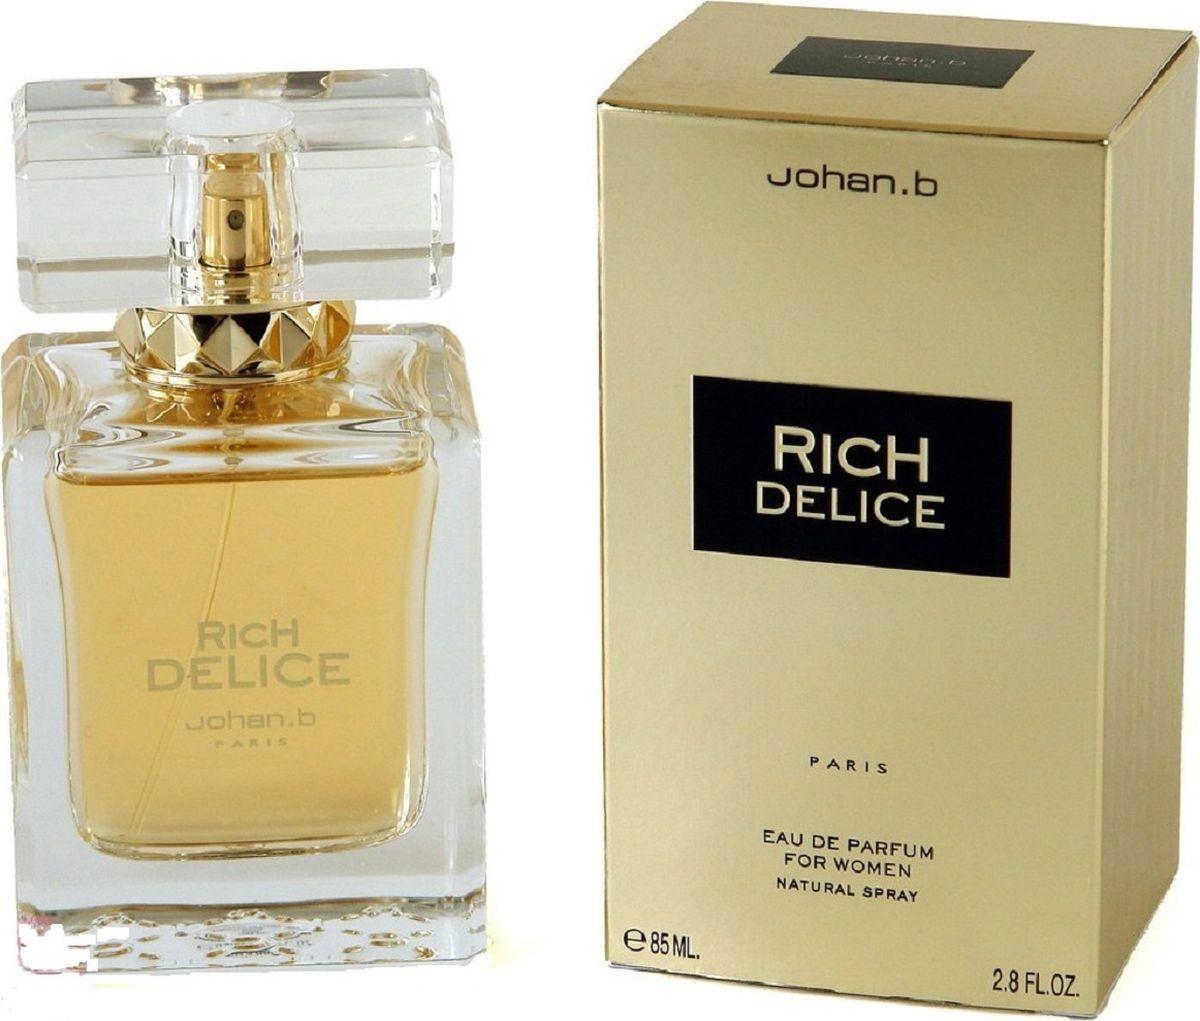 Geparlys Парфюмированная вода Rich Delice women , 85 мл28032022Geparlys Johan B Rich Delice - цветочно-фруктовый, шипровый, глубокий и таинственный аромат для загадочной незнакомки, покоряющей всех своей неотразимостью. Основная парфюмерная композиция: бергамот, персик, черная смородина, фиалка, пачули. Rich Delice создан для успешных и уверенных в себе женщин, он подарит восхищение окружающих, а мягкие согревающие ноты окутают волшебством и атмосферой восточных сказок.